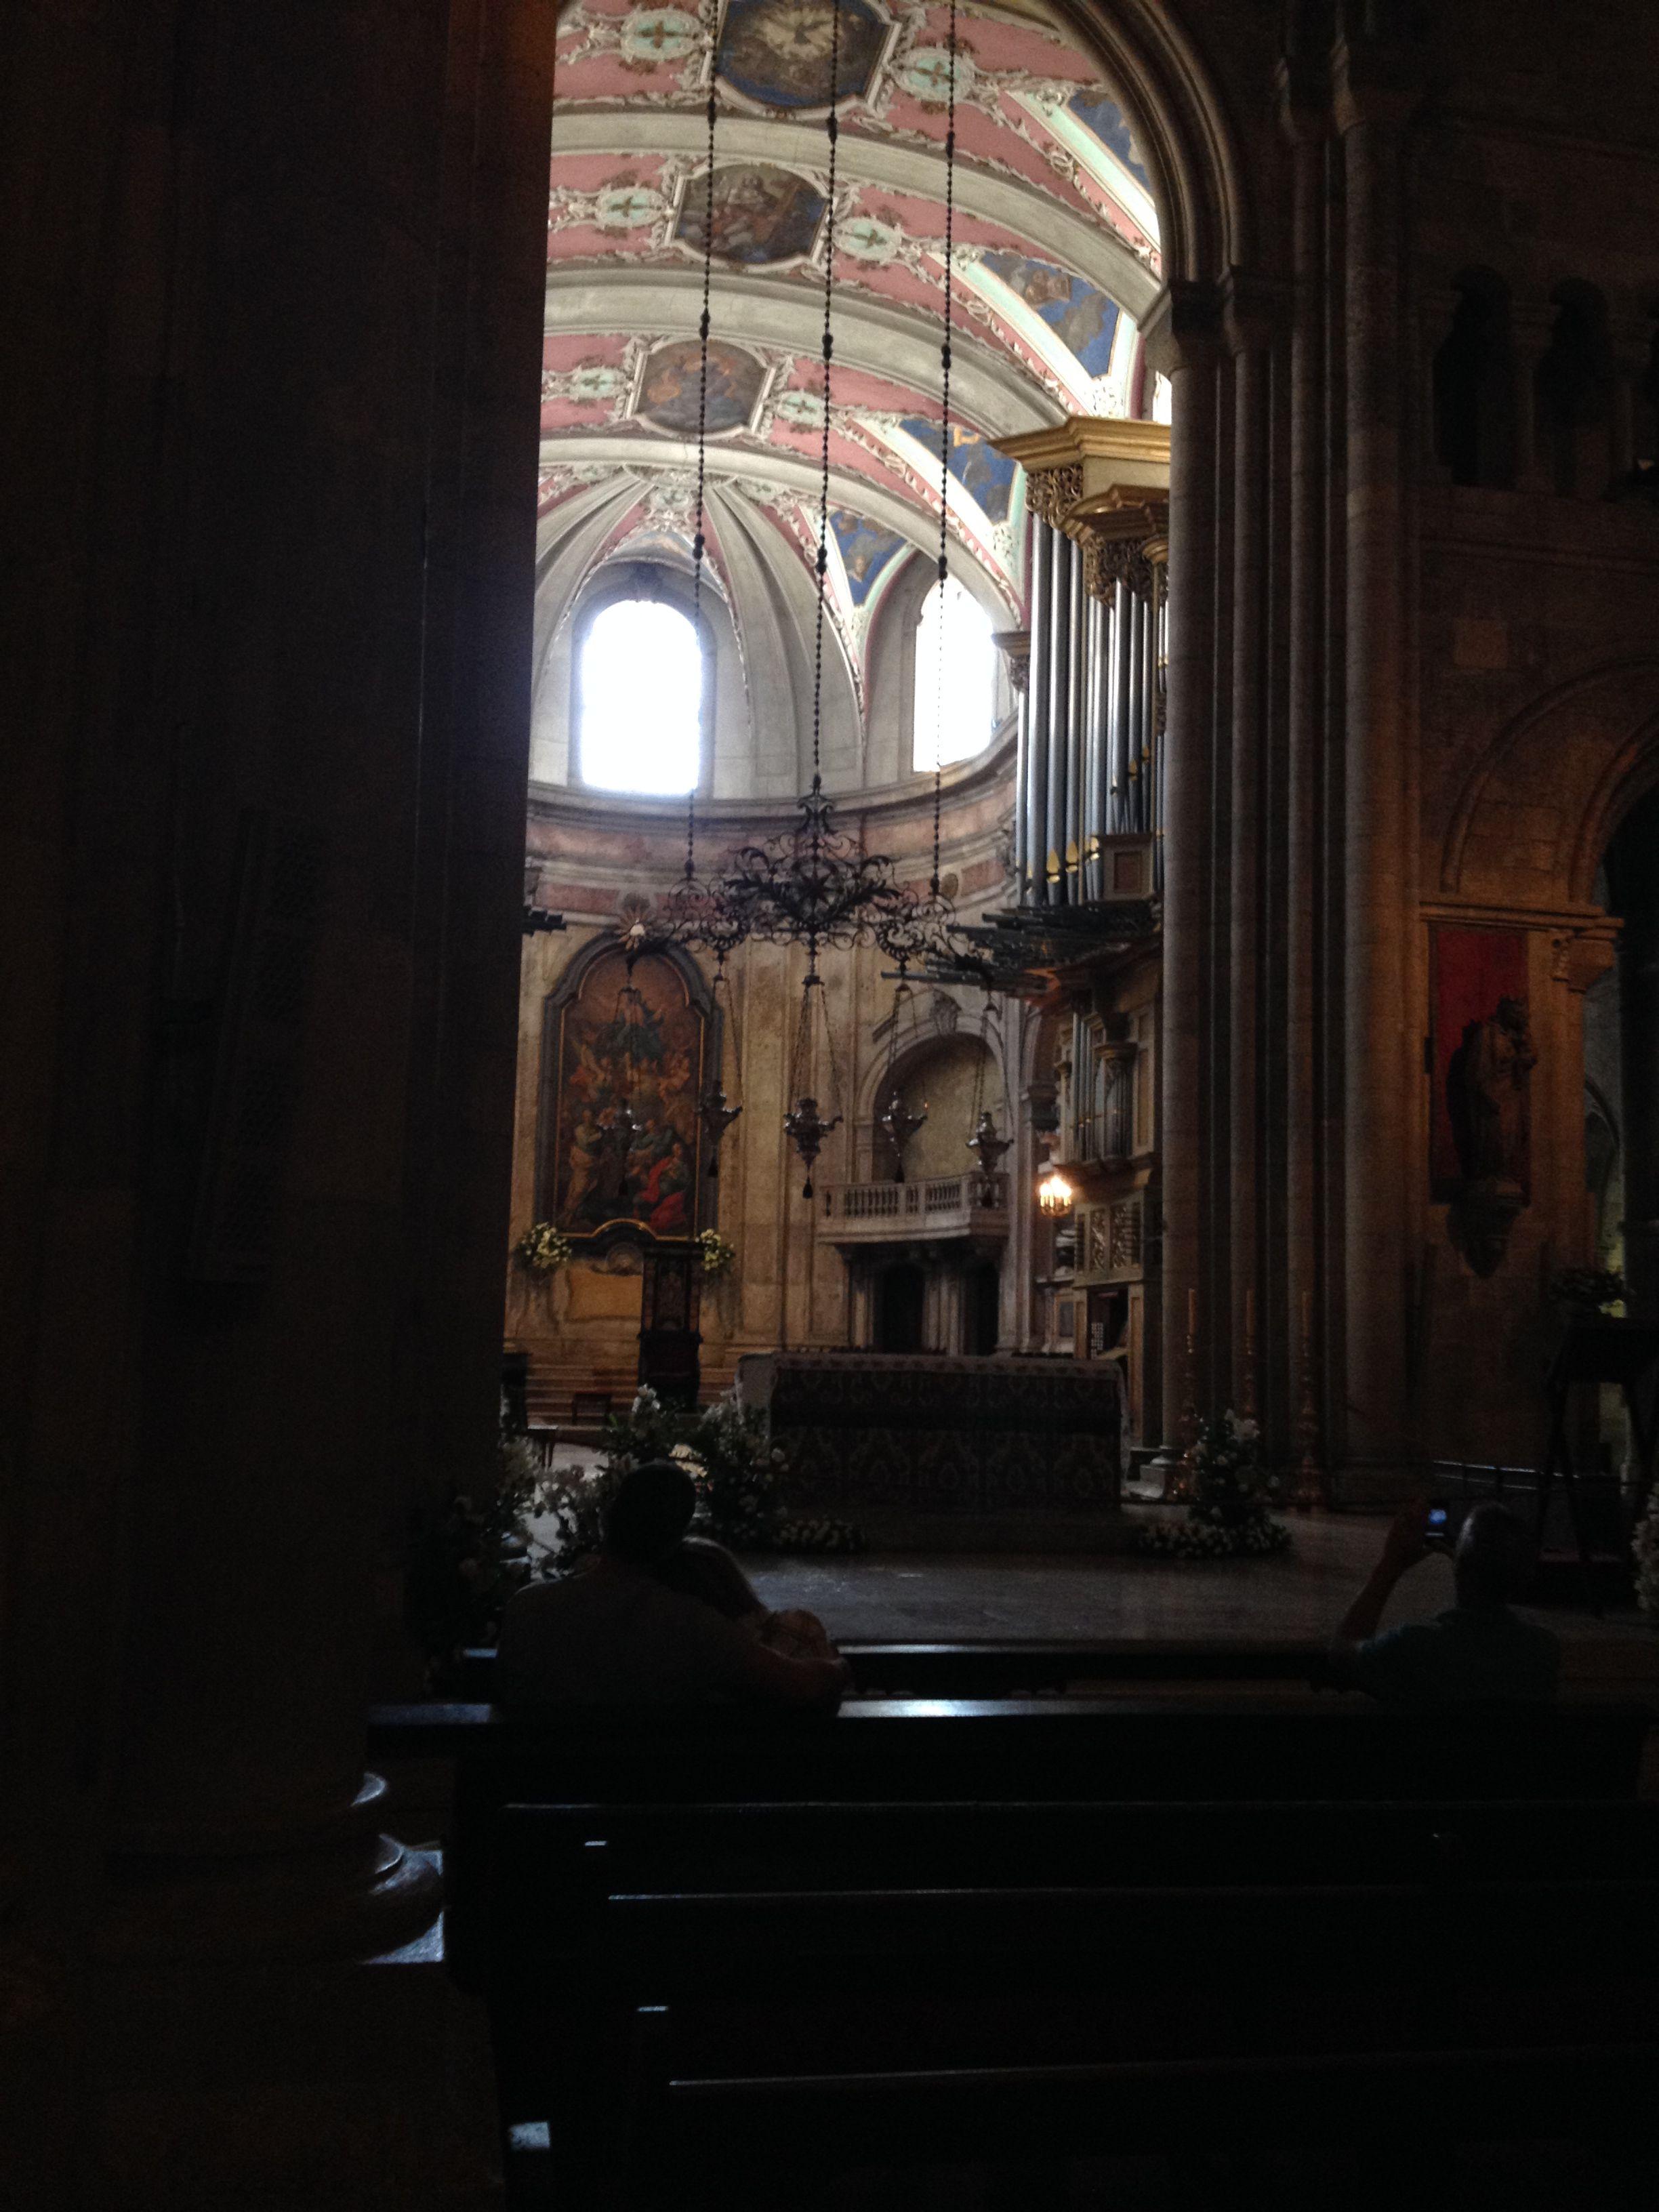 Lisboa, Portugal .... Capela do Sr. dos Passos, Mosteiro dos Jerônimos